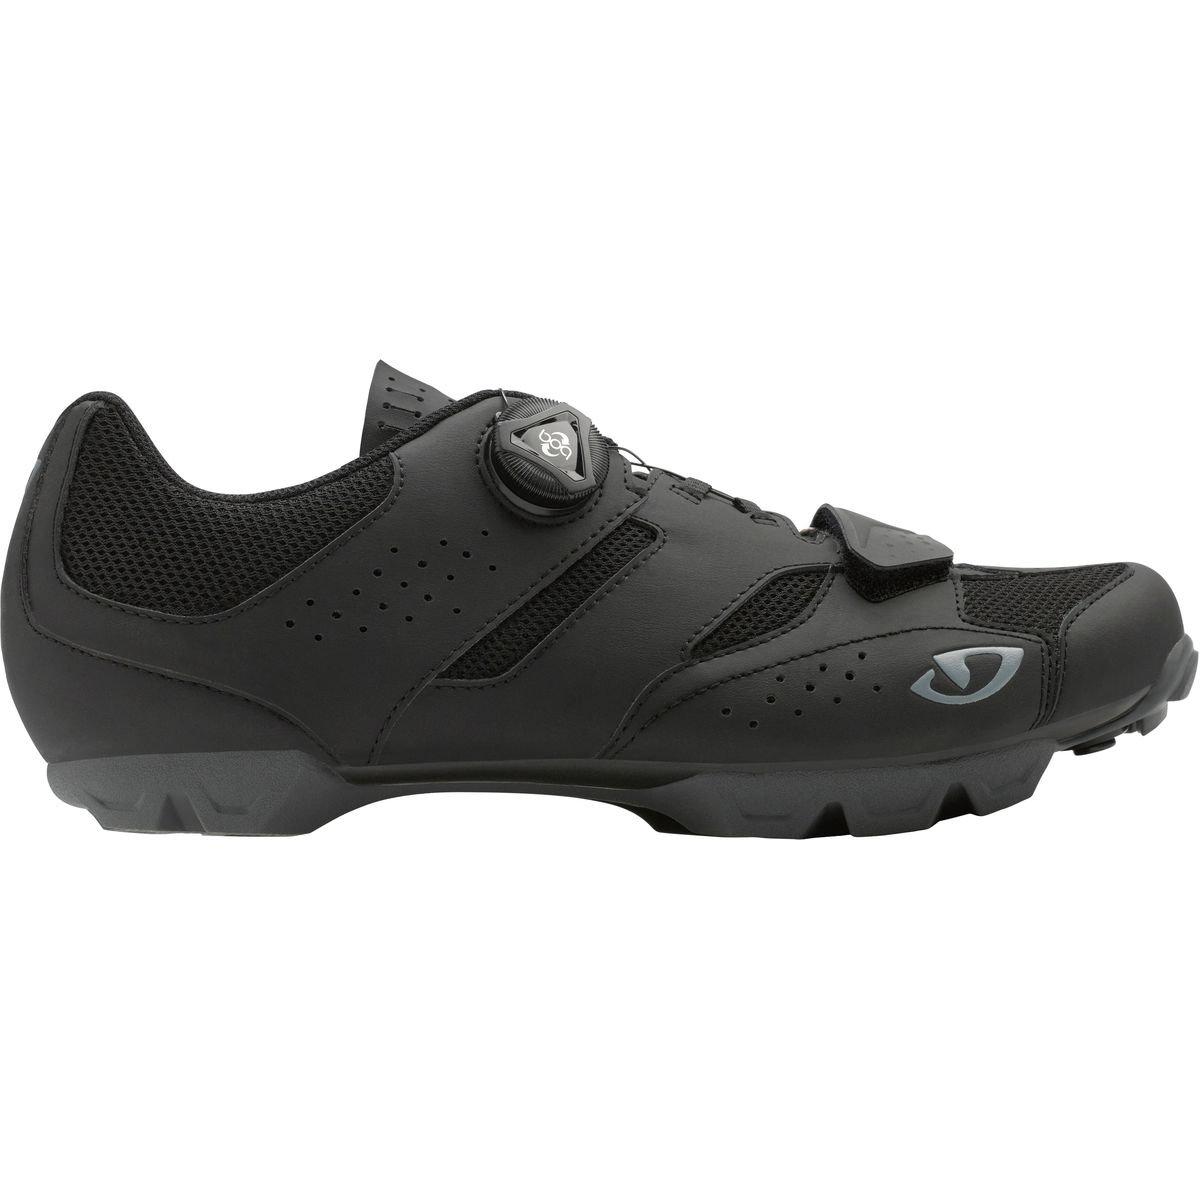 Giro Cylinder Cycling Shoes - Women's Black 37